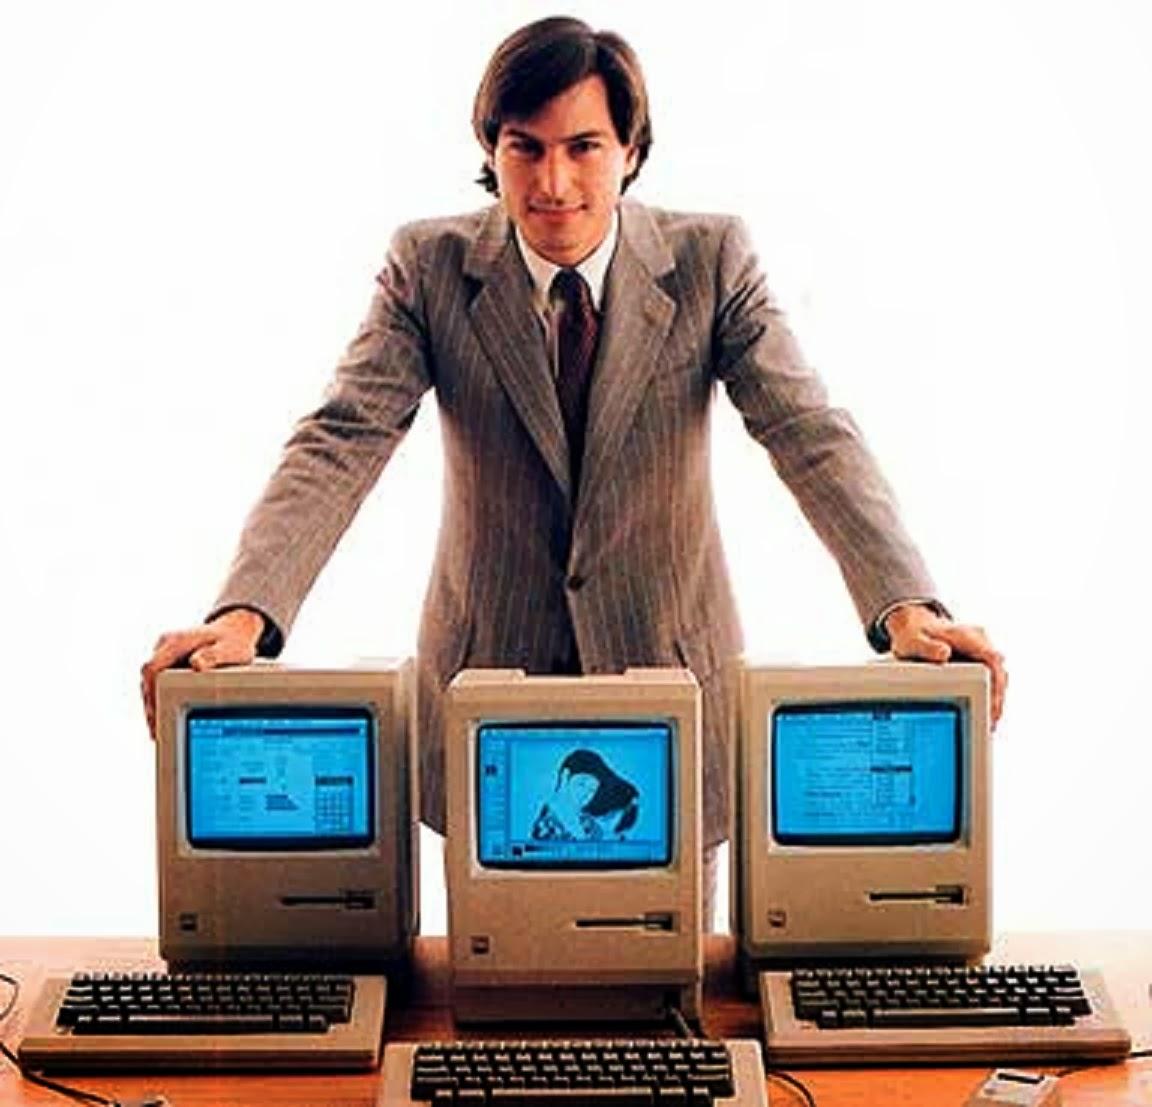 Steve Jobs: Um dos maiores gênios dos tempos modernos